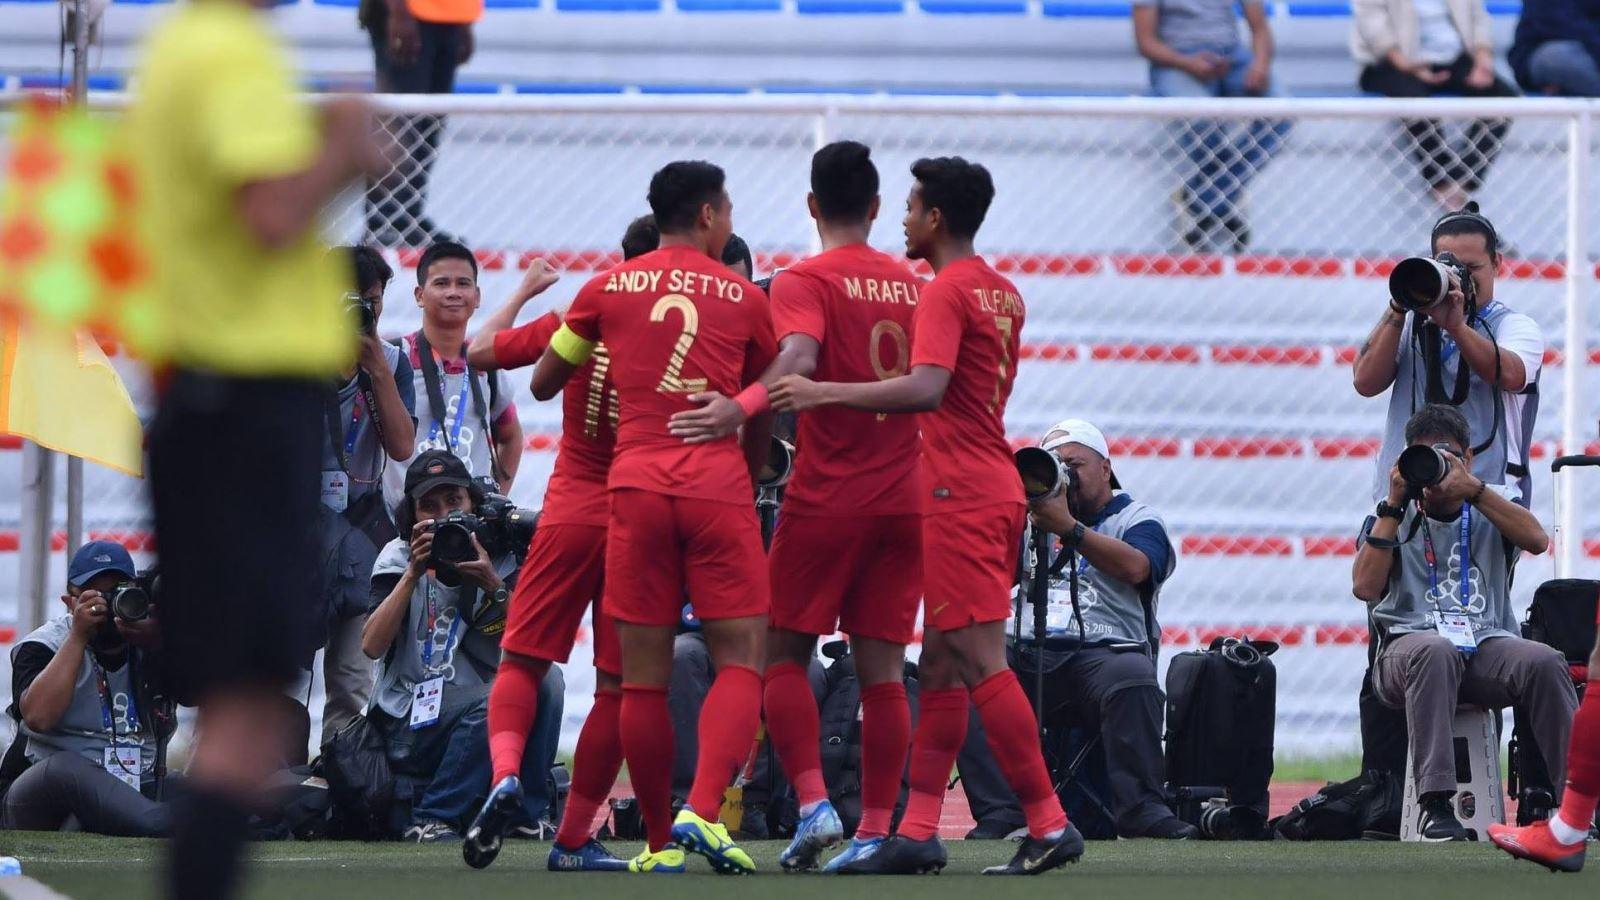 bóng đá hôm nay, U22 Việt Nam, lịch thi đấu SEA Games 30, trực tiếp bóng đá, VTV6, VTV5, truc tiep bong da hom nay, SEA Games 30, lịch thi đấu bóng đá SEA Games, xem VTV6, U22 Thái Lan, U22 Indonesia